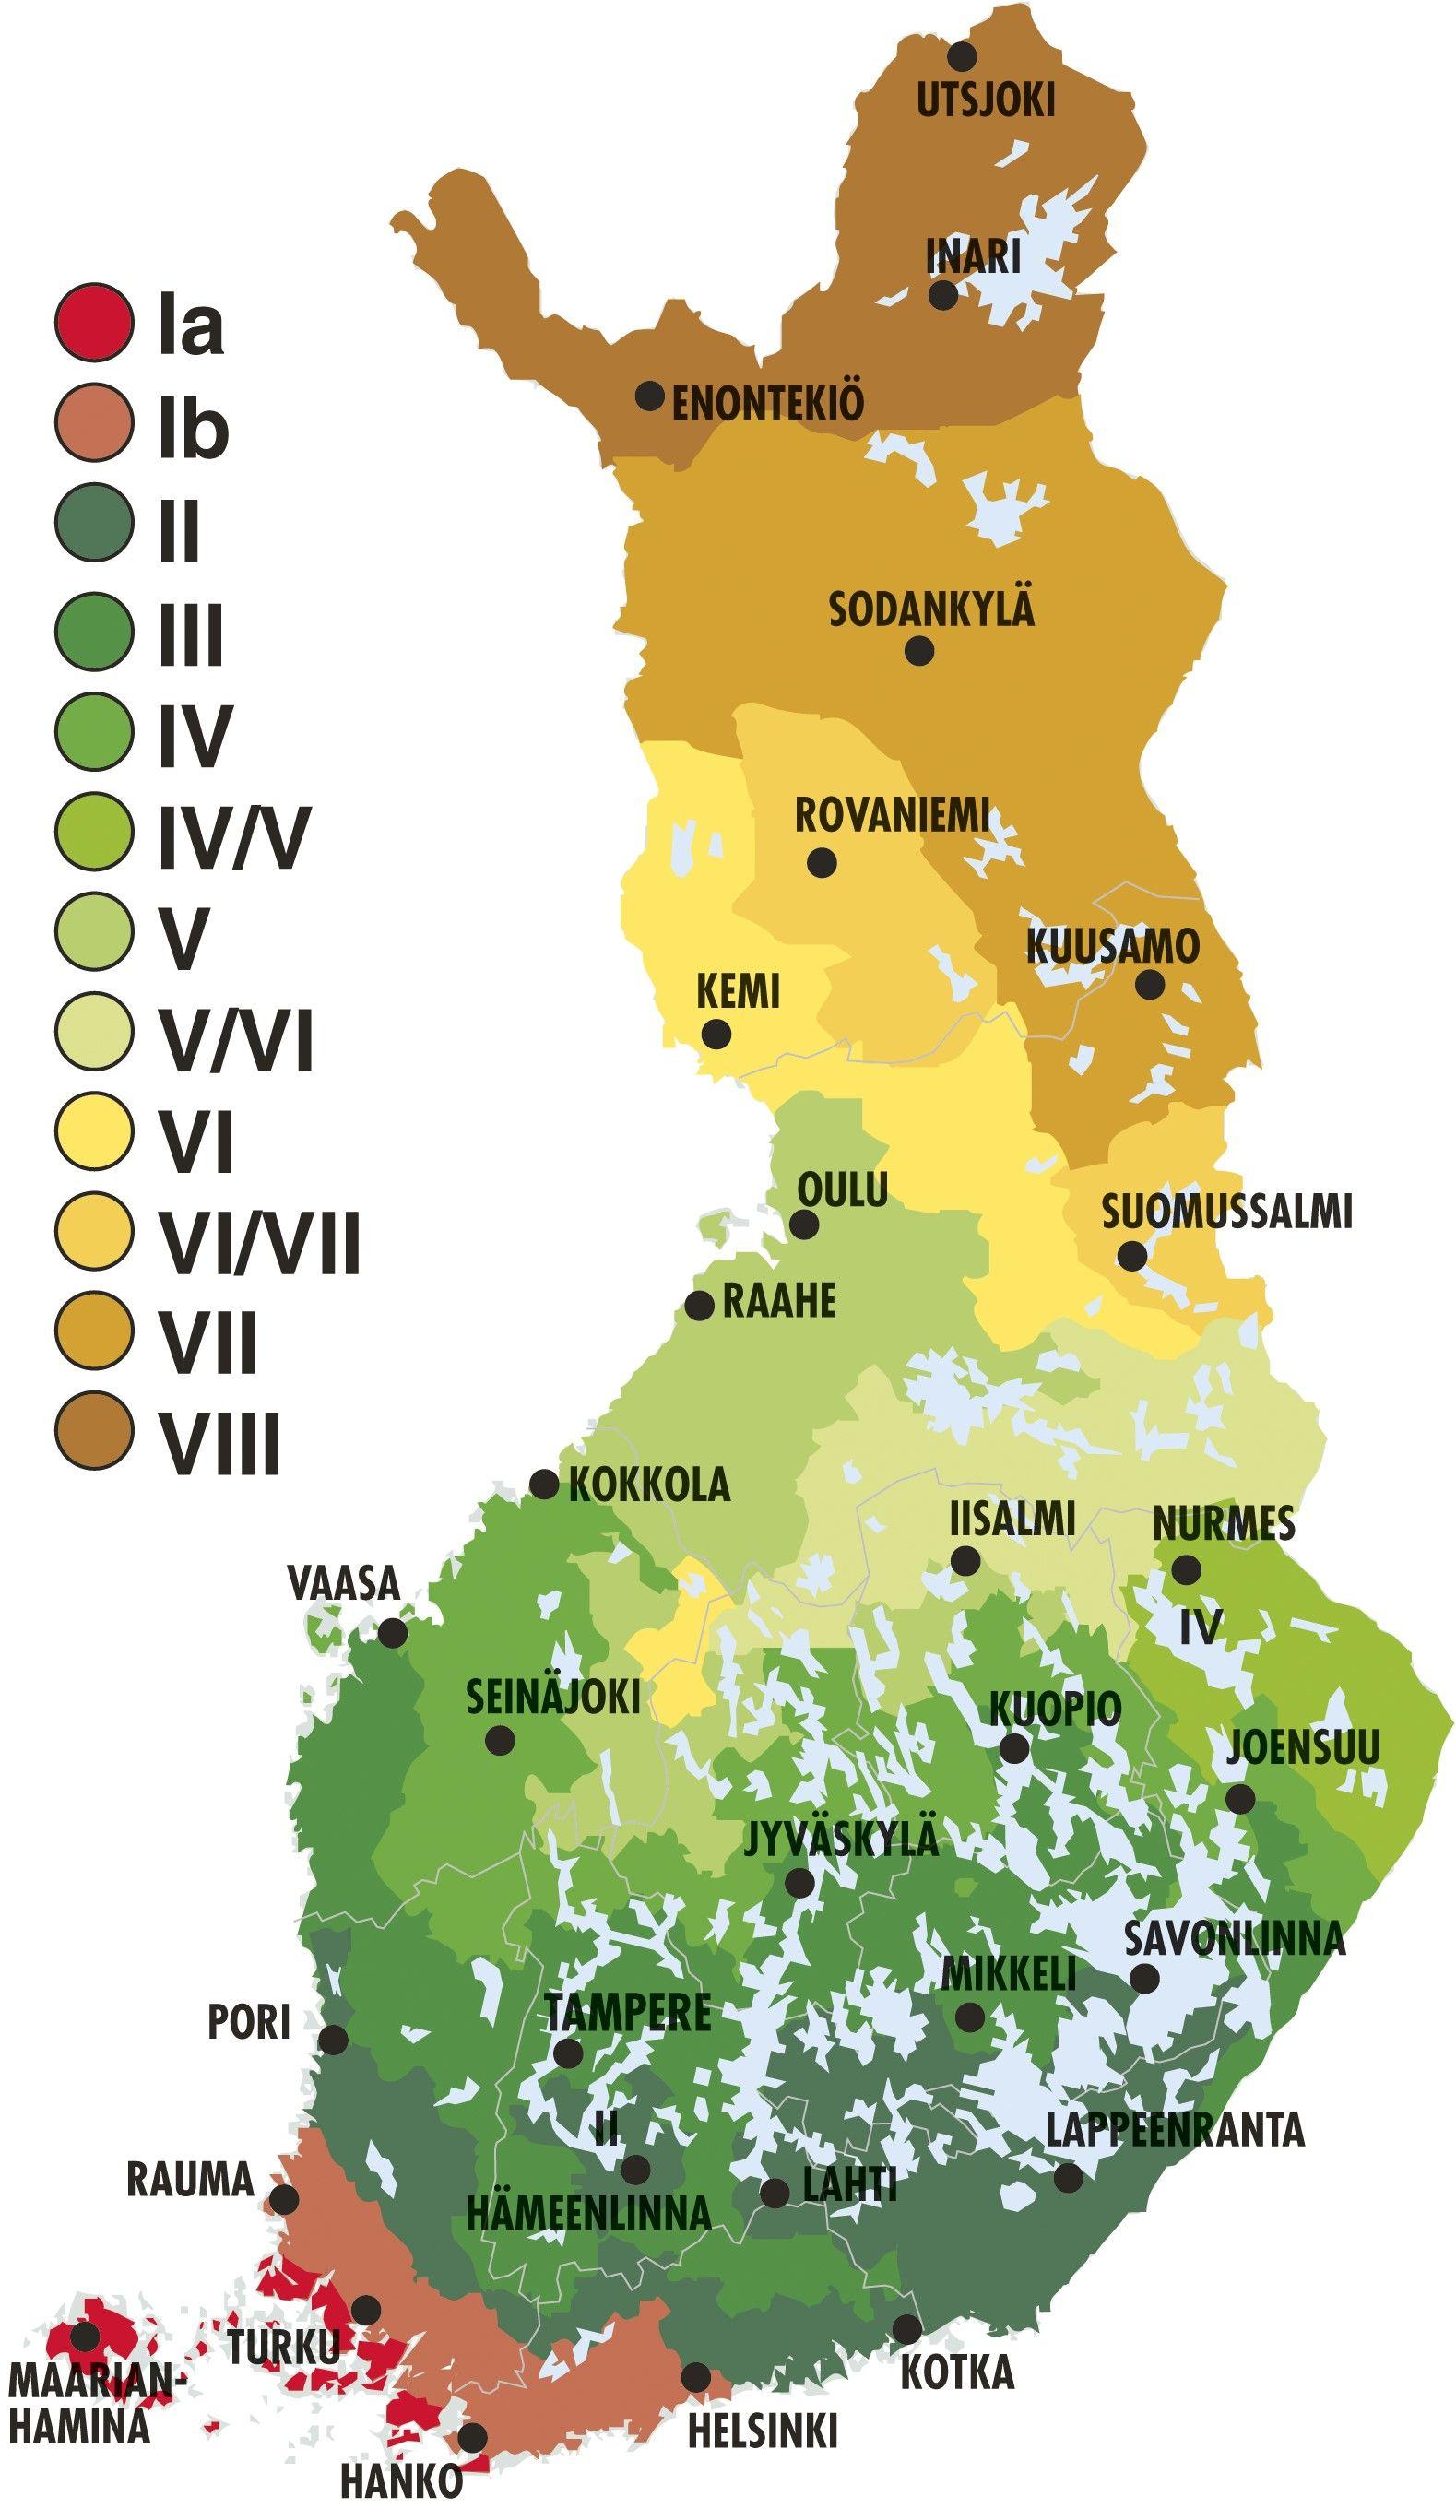 Kasvuvyöhykkeet Suomi